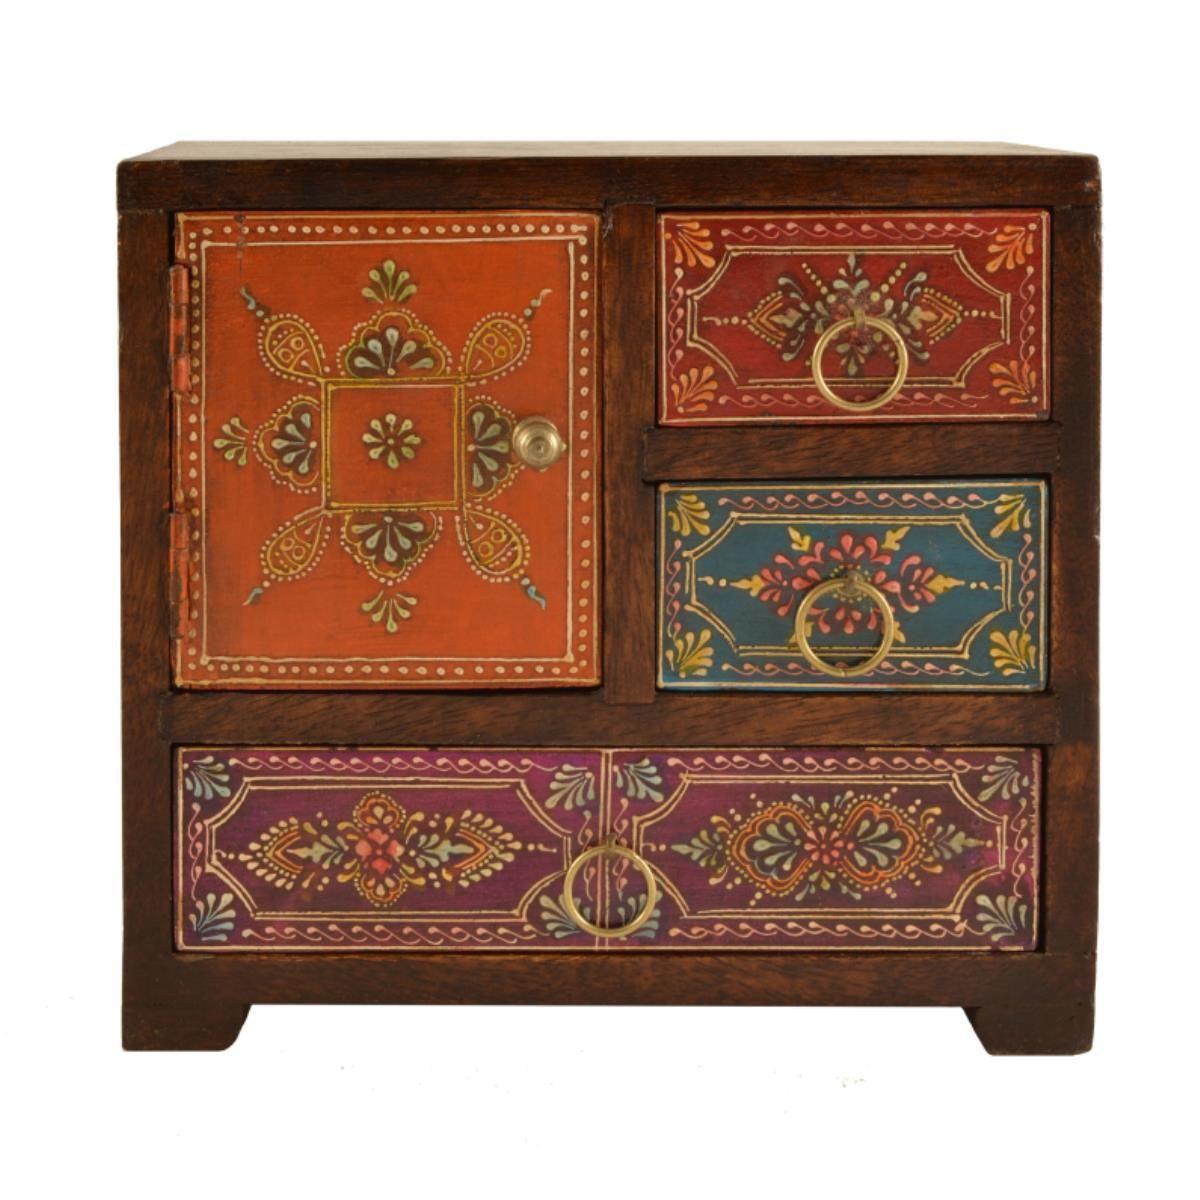 Mehindi storage chest asymmetric 35 21 12 19cm for Mobili colorati design